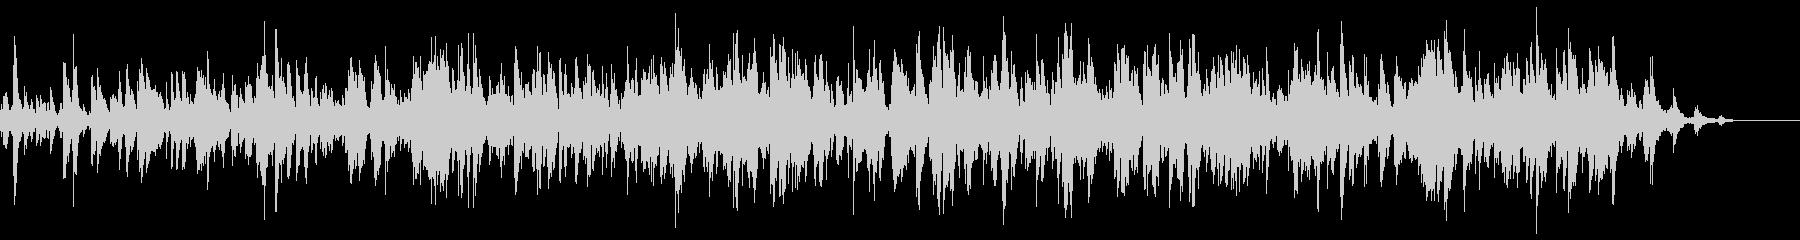 ウインドチャイム 継続 ロング 長いの未再生の波形